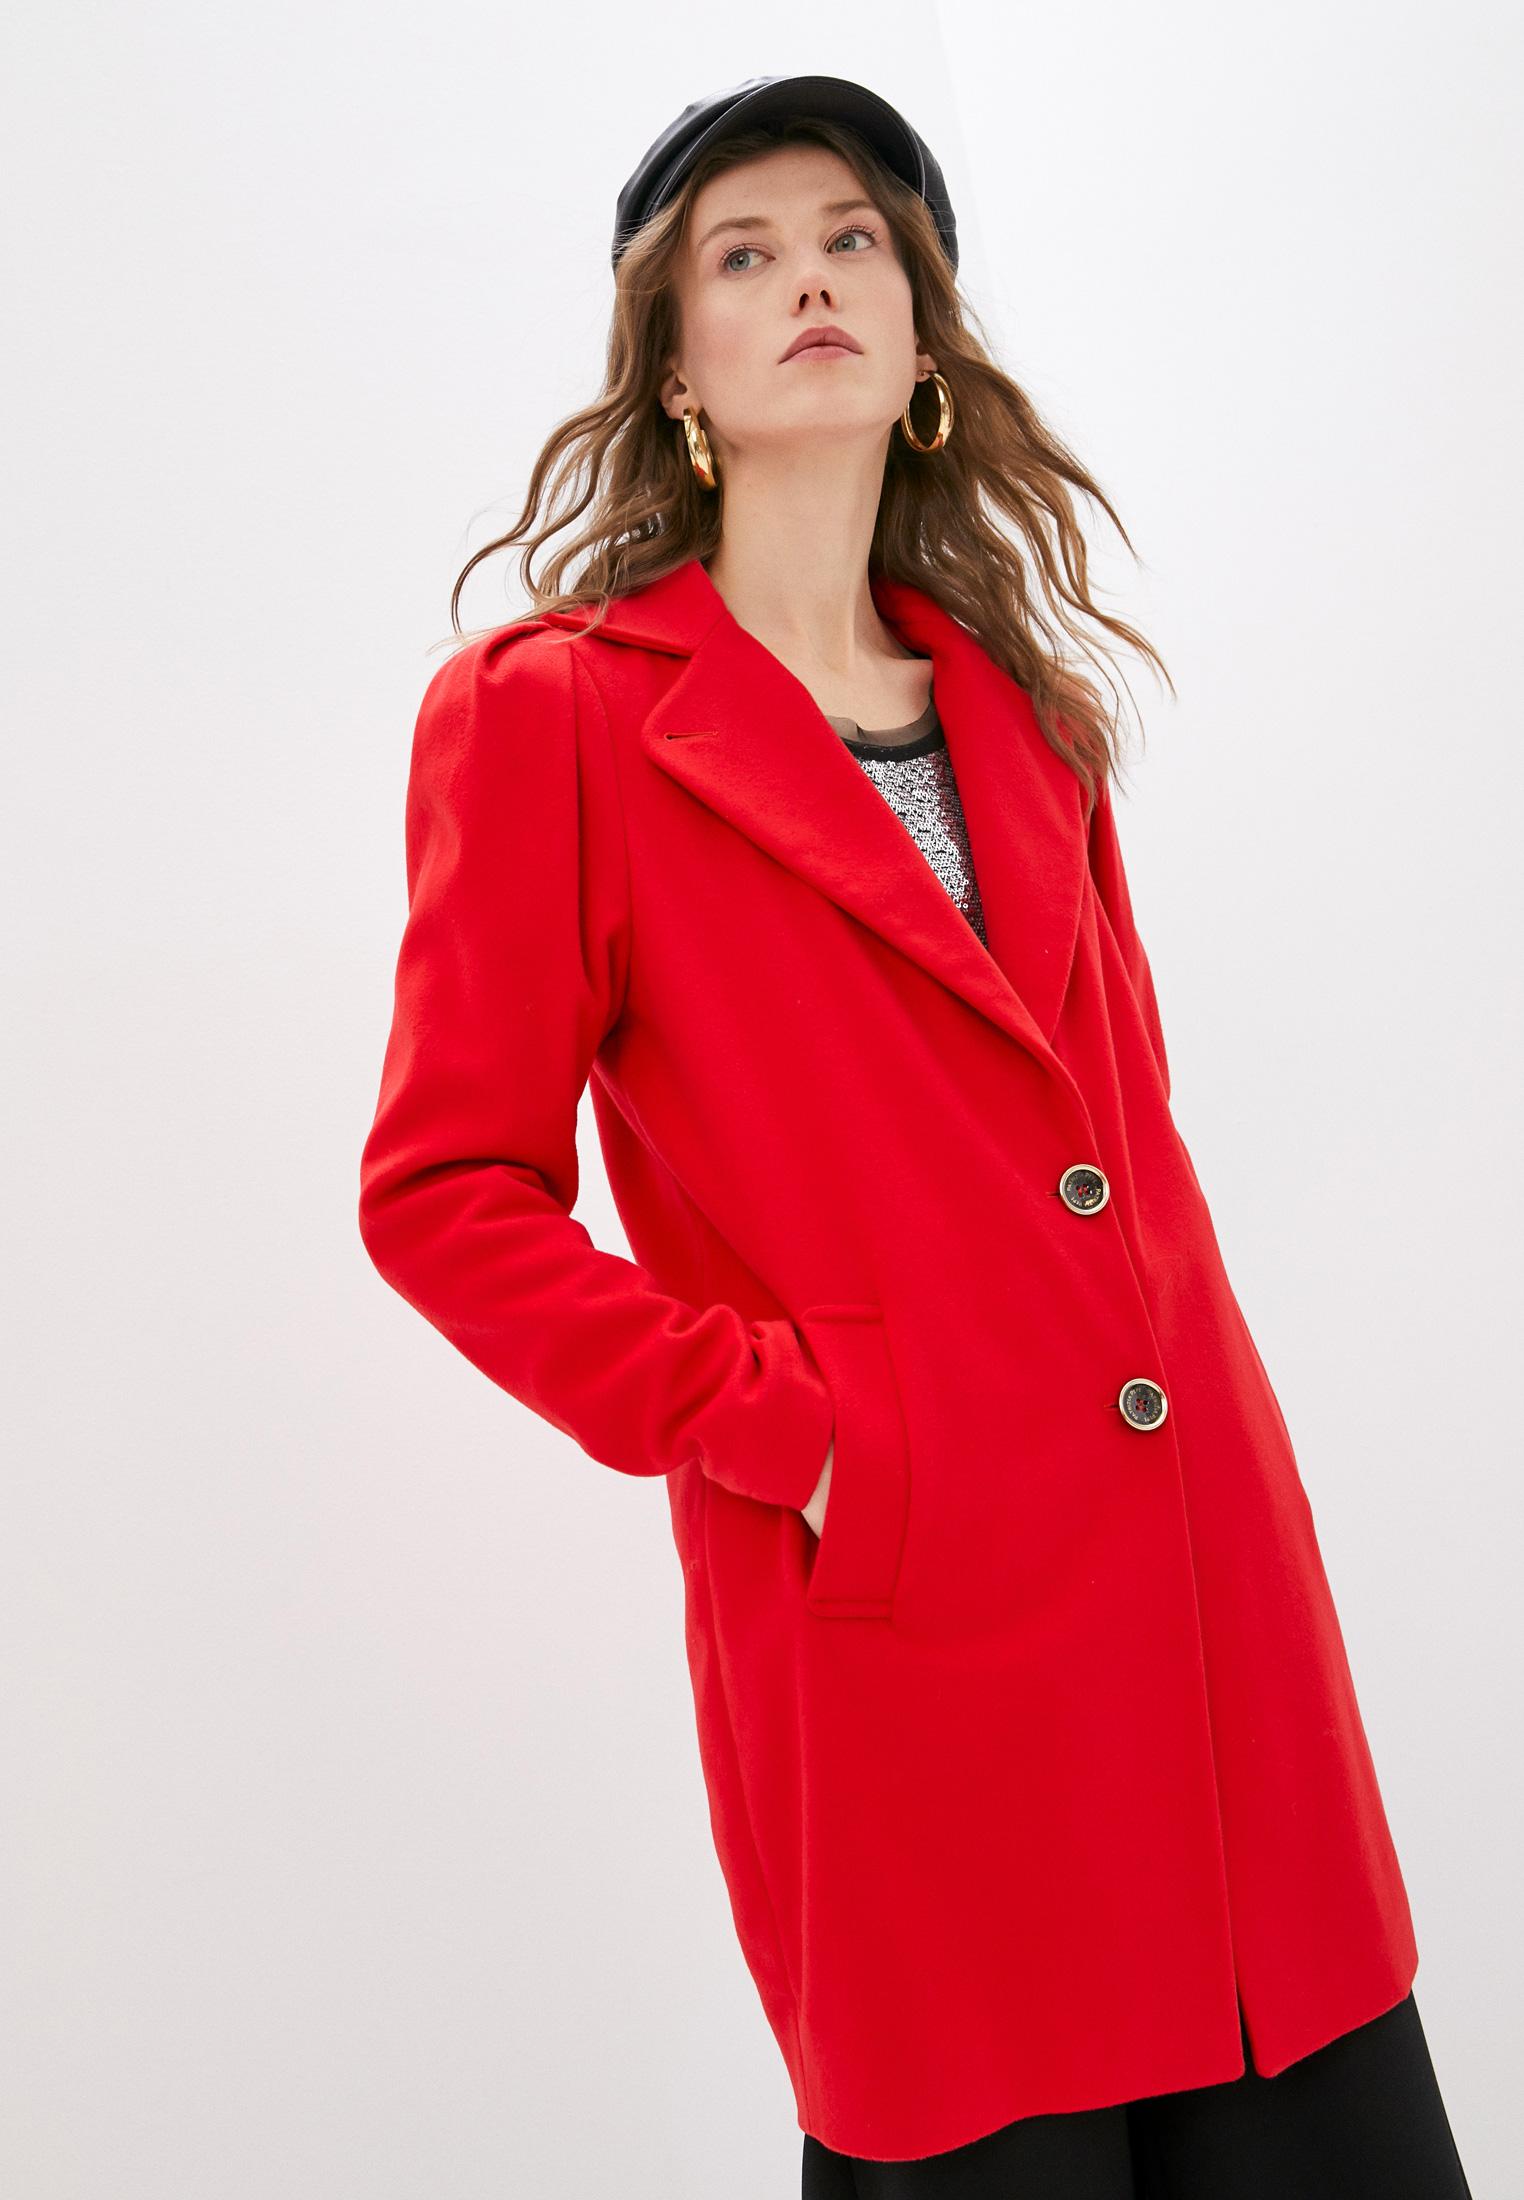 Женские пальто Patrizia Pepe (Патриция Пепе) 8S0203 A104 R611